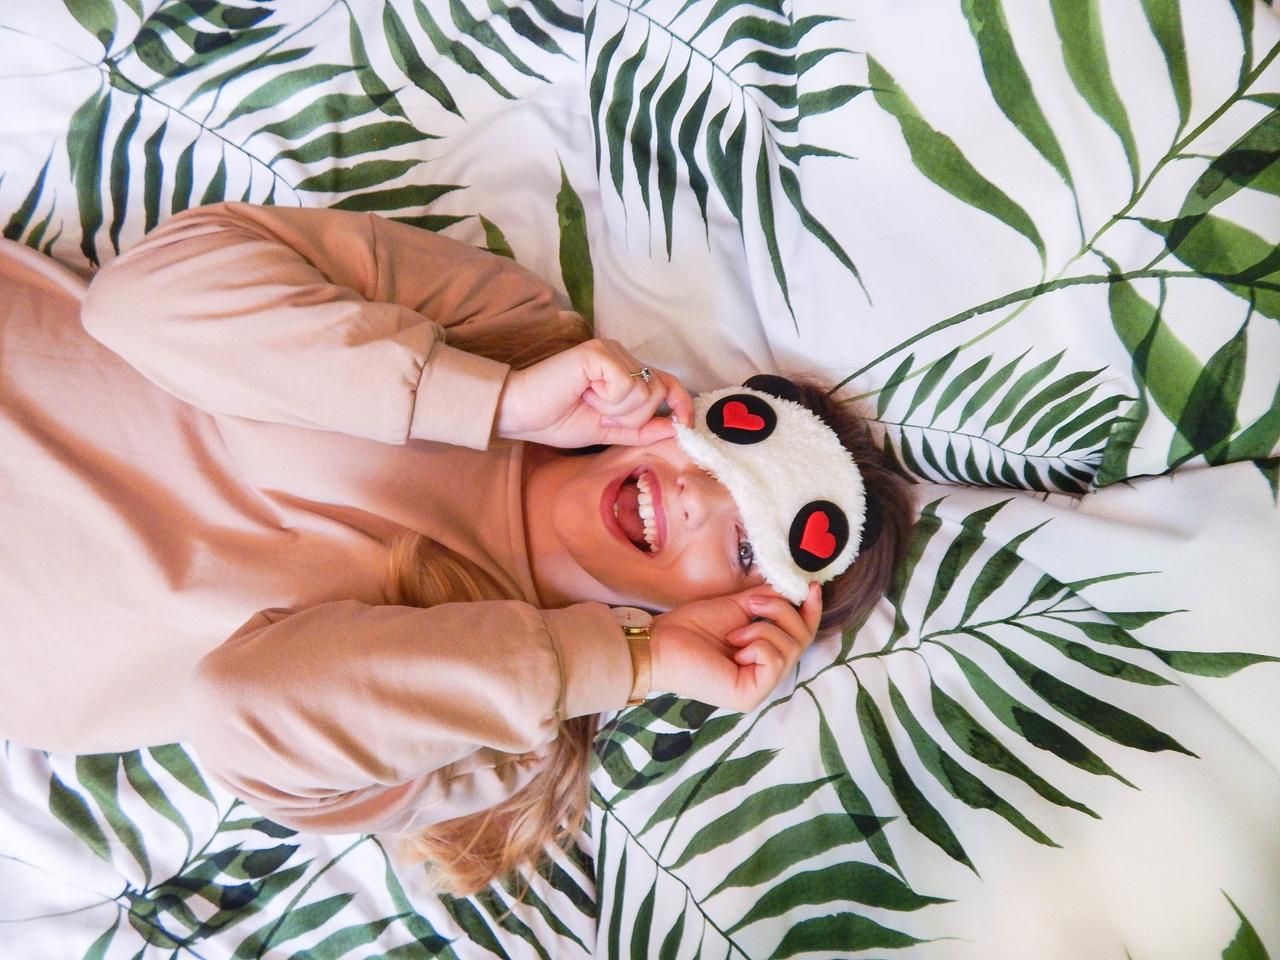 1Pięć-sposobów-rytuałów-na-to-aby-wieczór-był-magiczny-przyjemny-przytulny-ciepłe-skarpetki-polskie-przyjemne-ciepłe-pizamy-masenso-bluzo-sukienka-sukienka-domowa-bielenda-blog-lifestyle-recenzja-maseczka-netflix